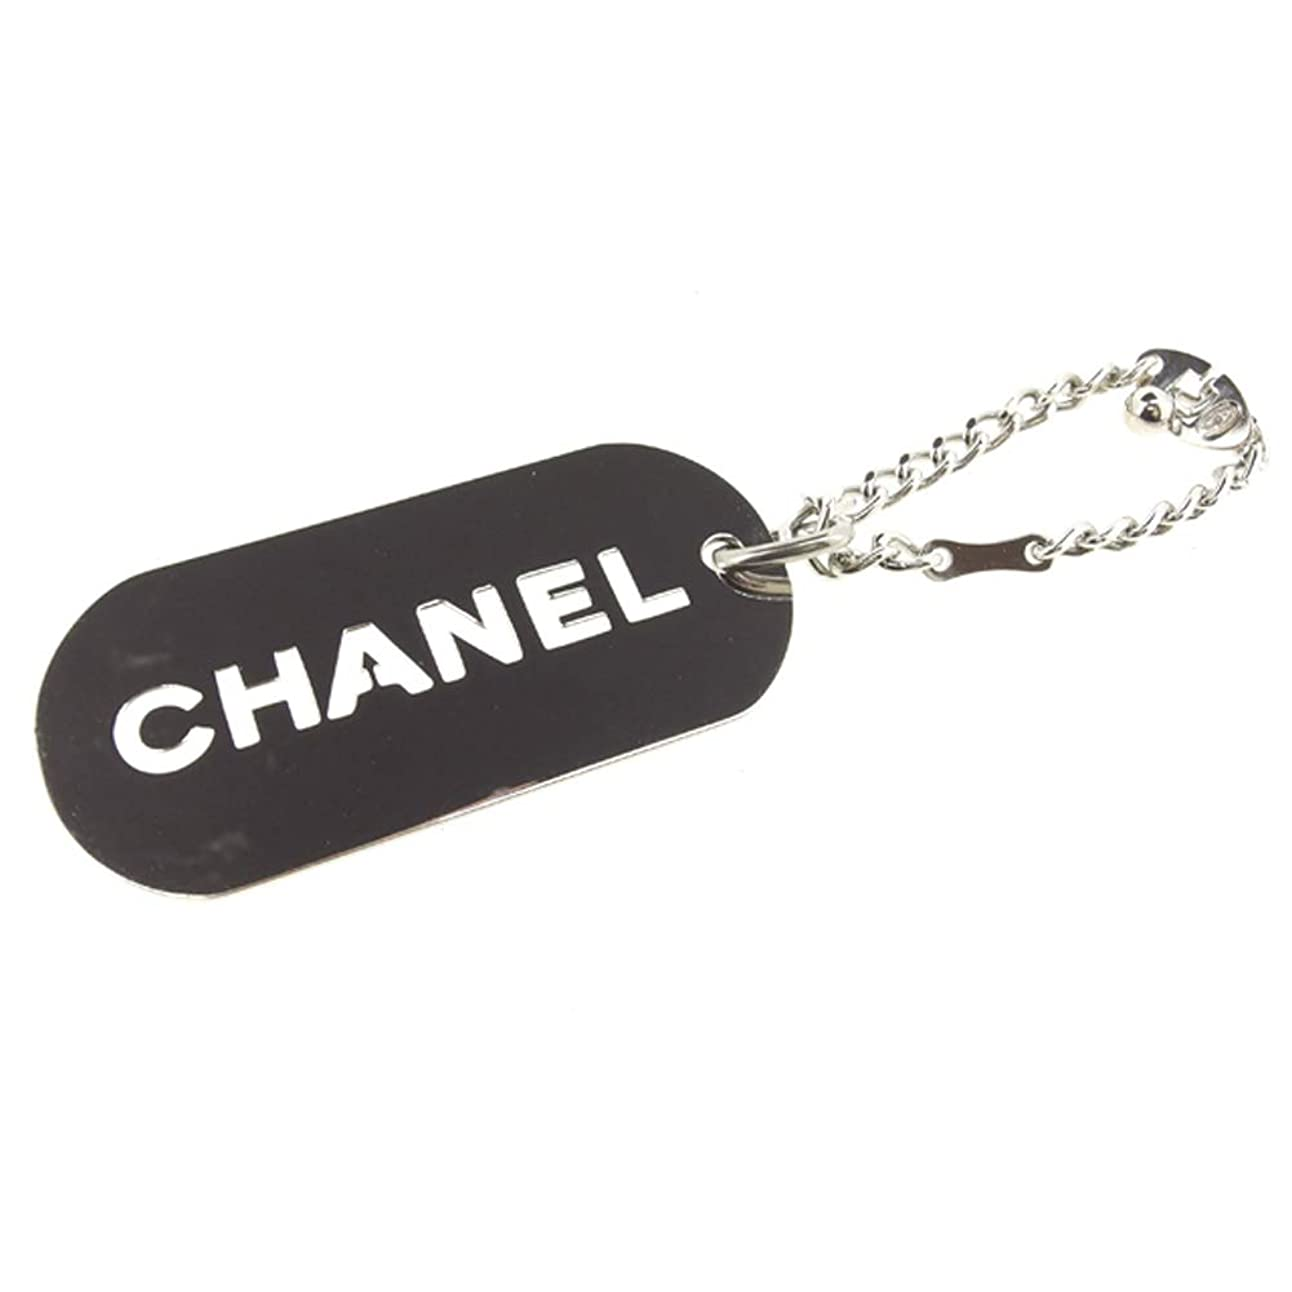 アトラスシリーズ結婚した(シャネル) Chanel キーホルダー キーリング シルバー レディース メンズ 中古 T8131